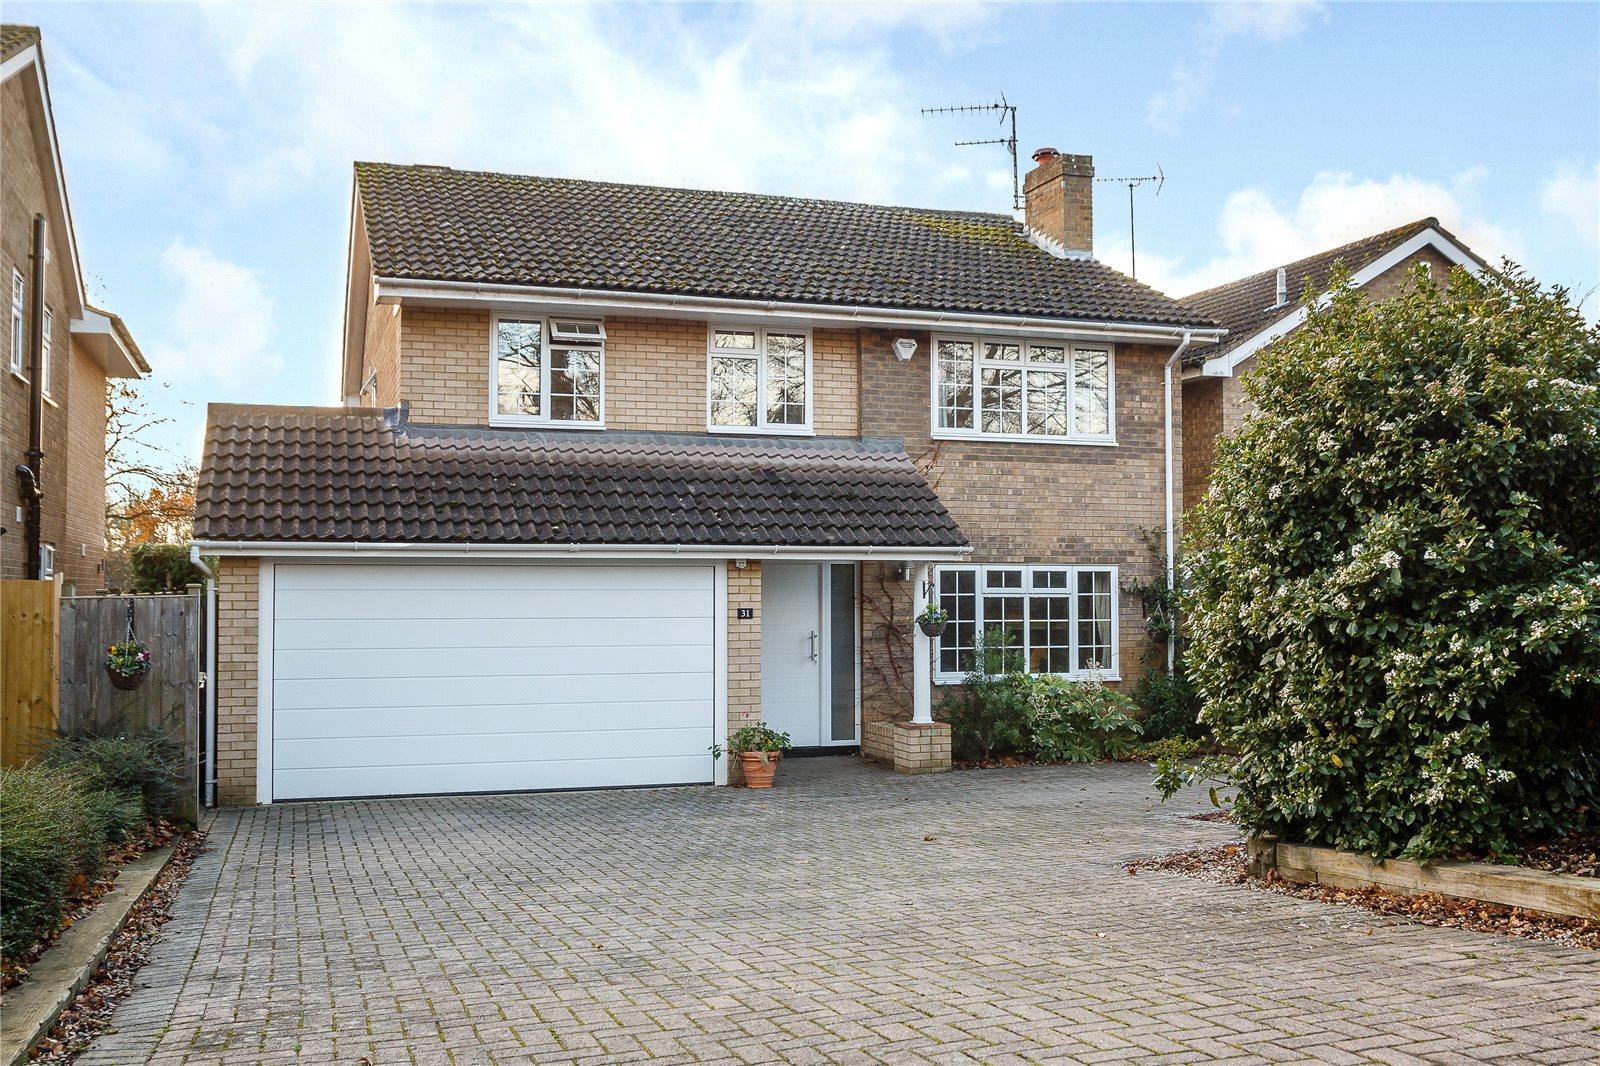 一戸建て のために 売買 アット Ambrose Lane, Harpenden, Hertfordshire, AL5 Harpenden, イギリス